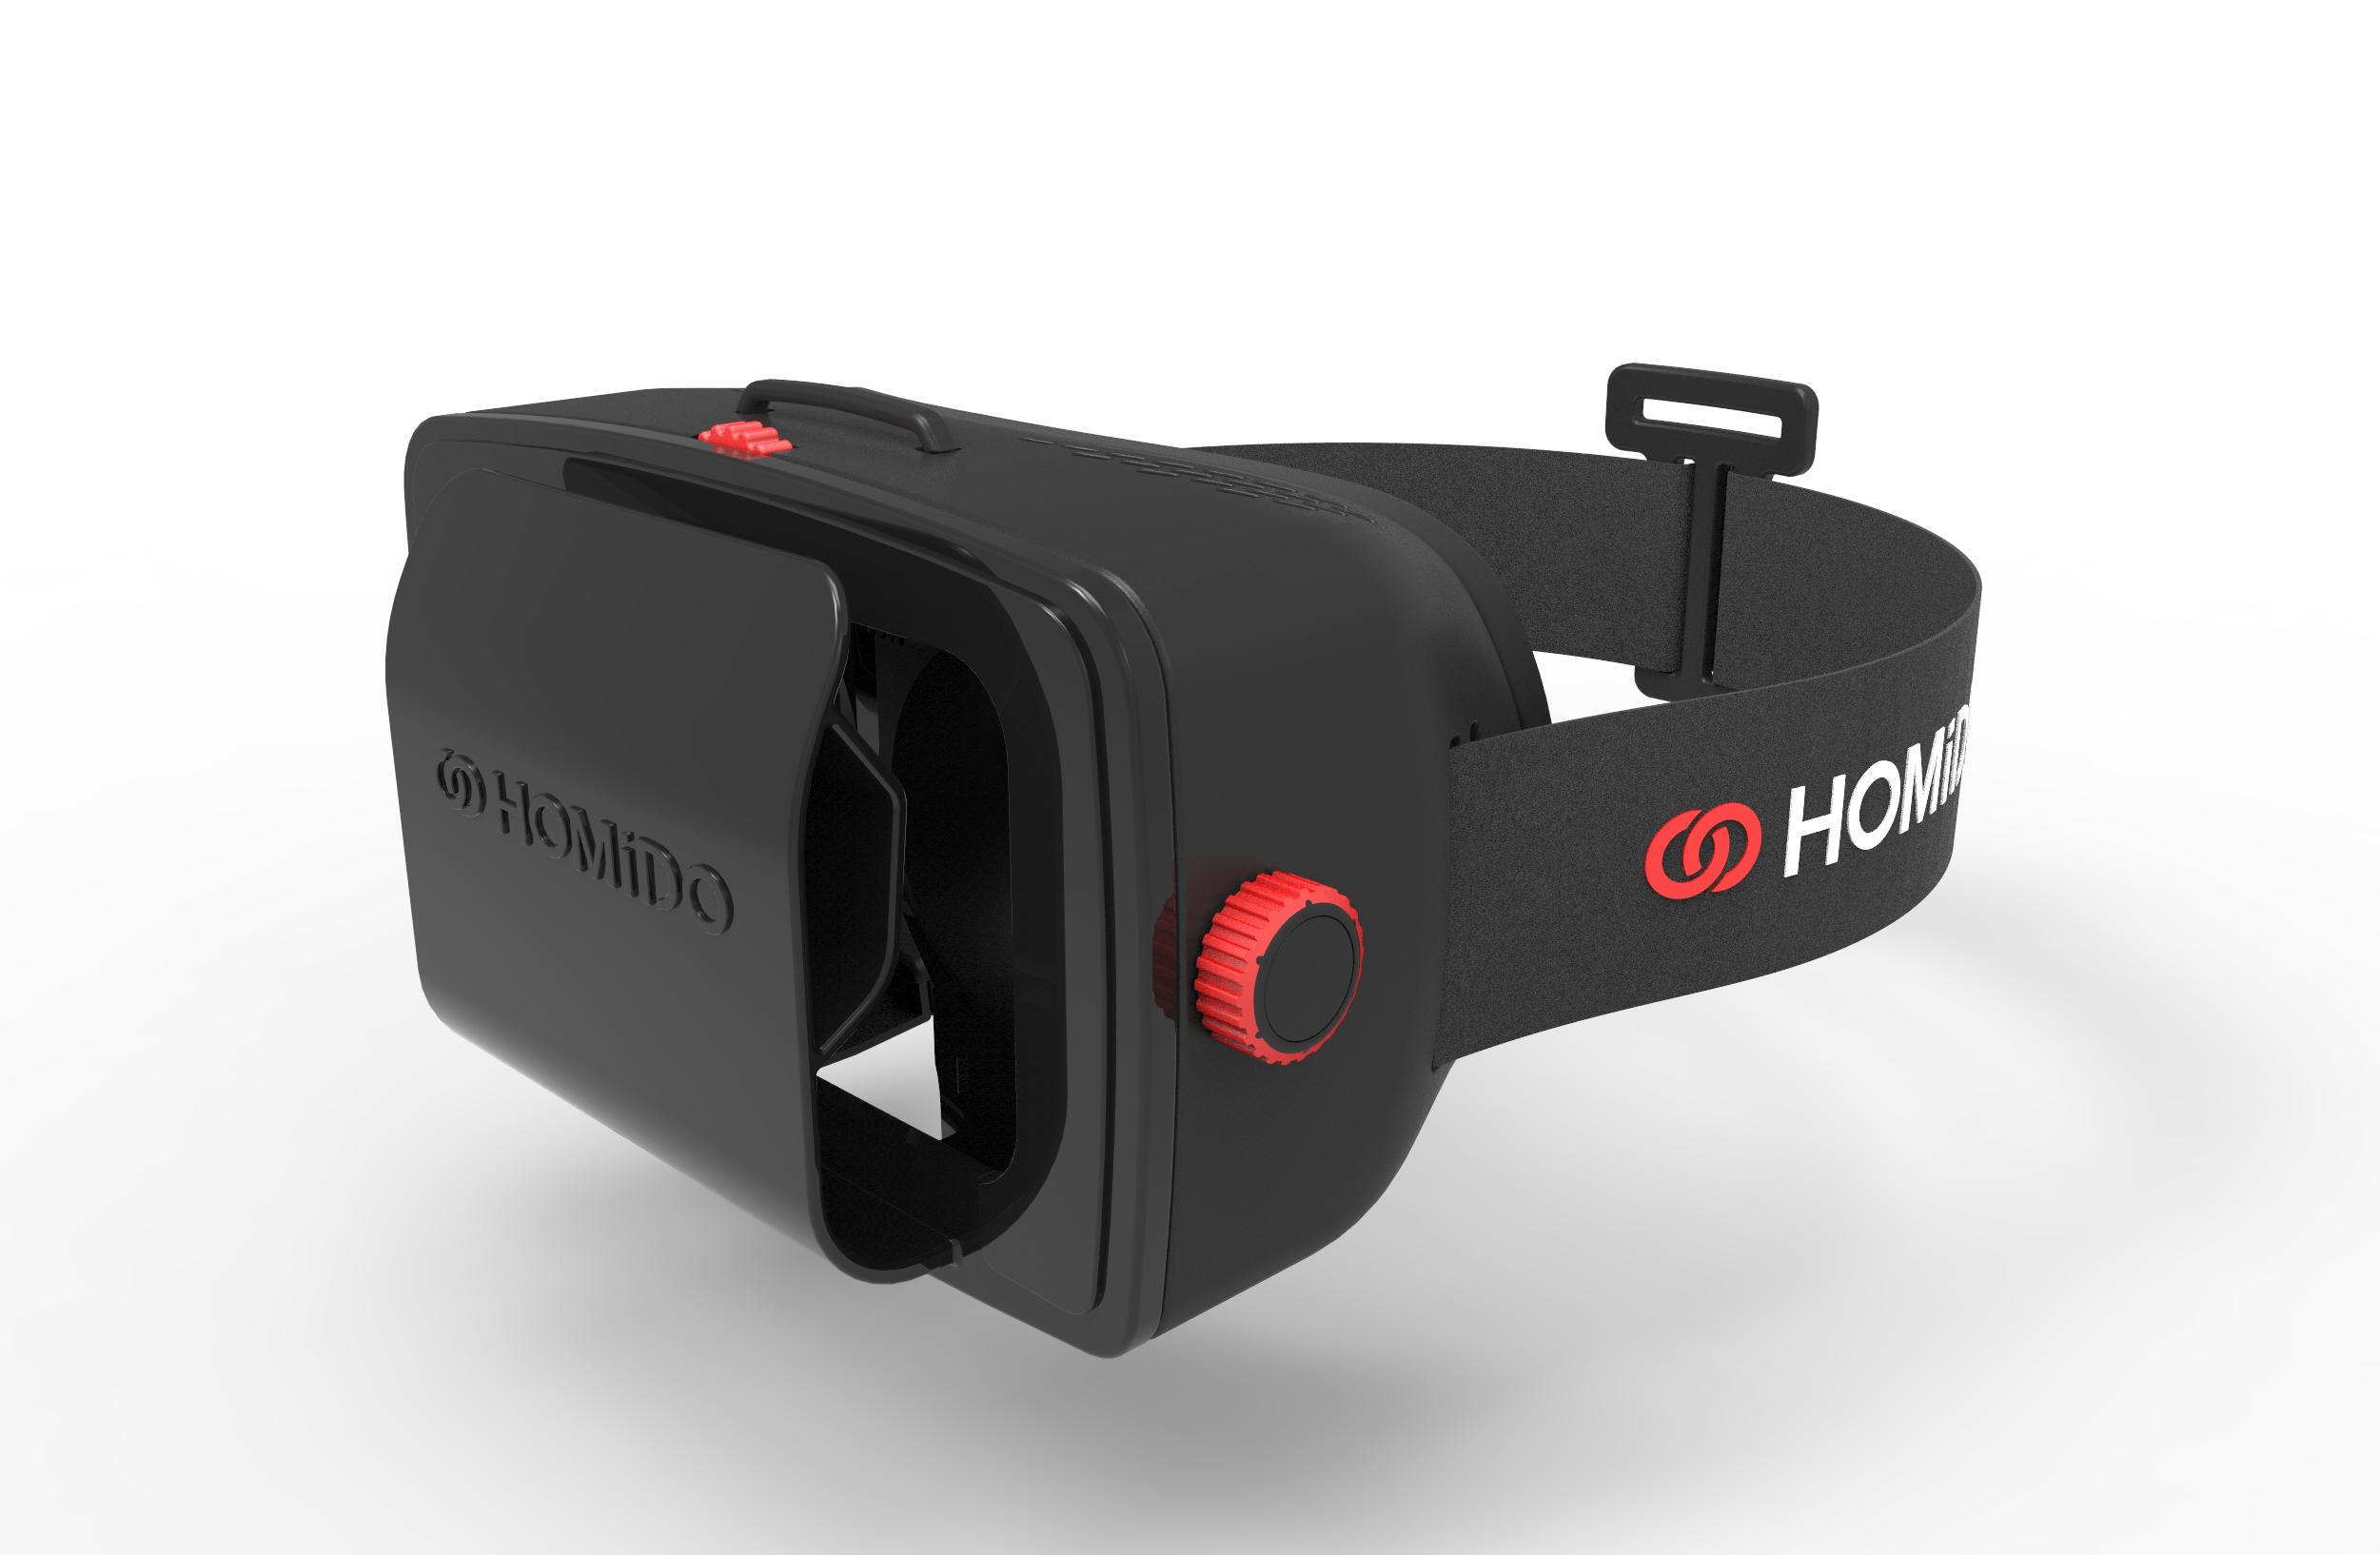 Essayage de lunettes virtuelle